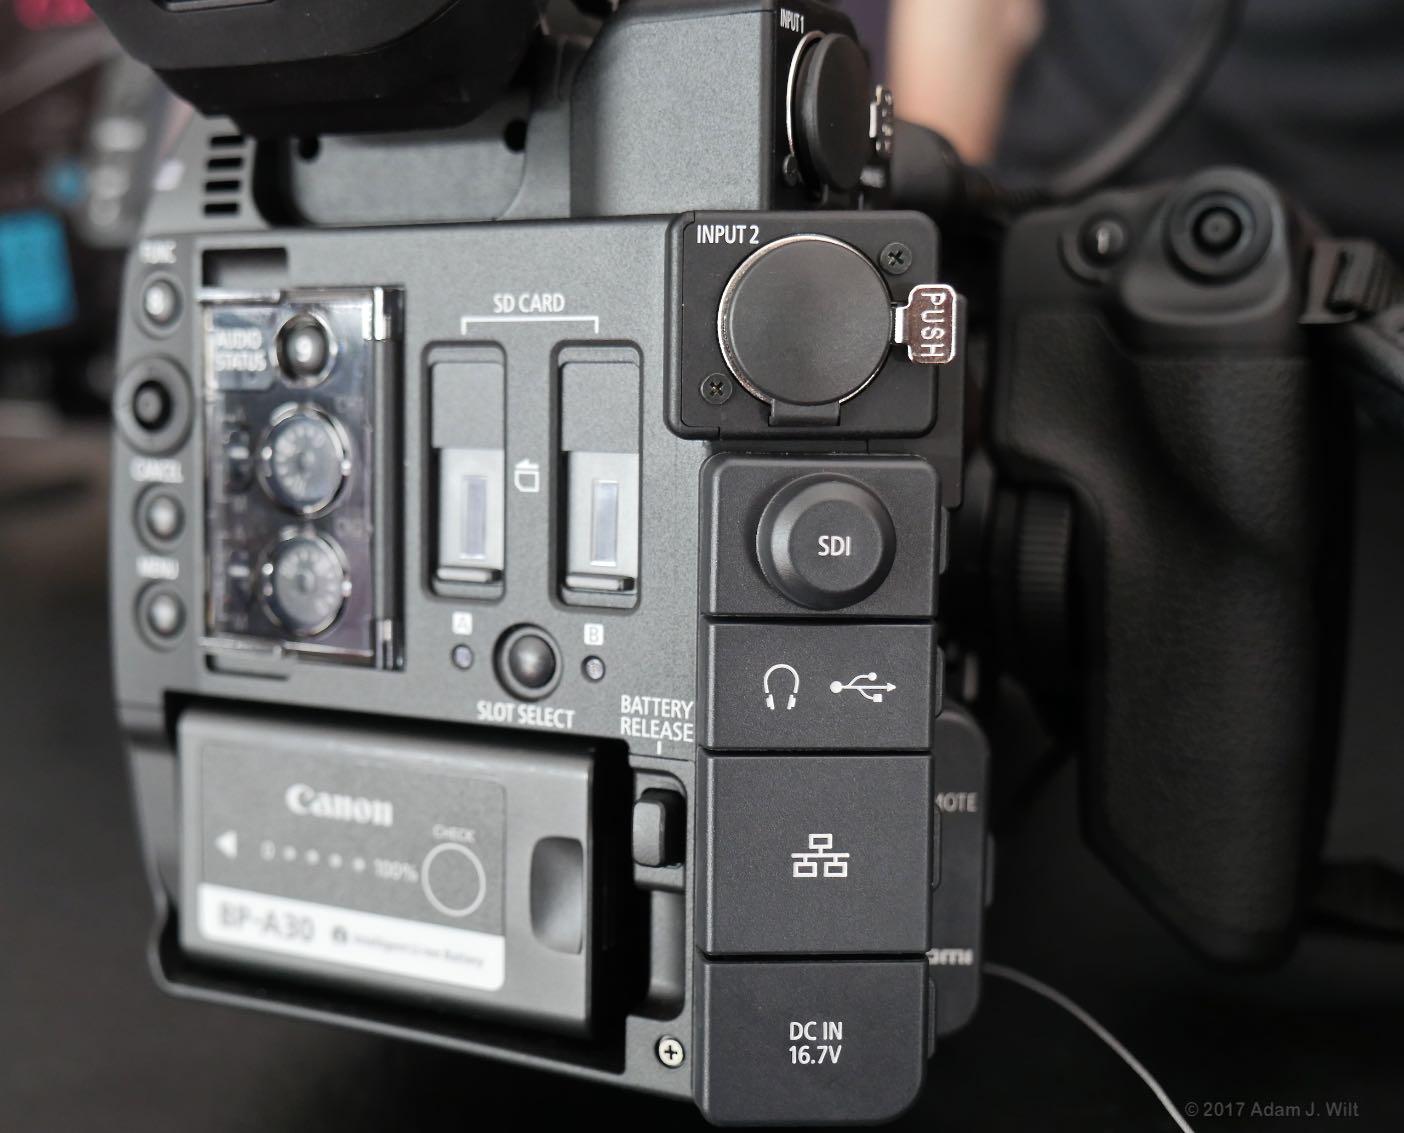 C200 connectors